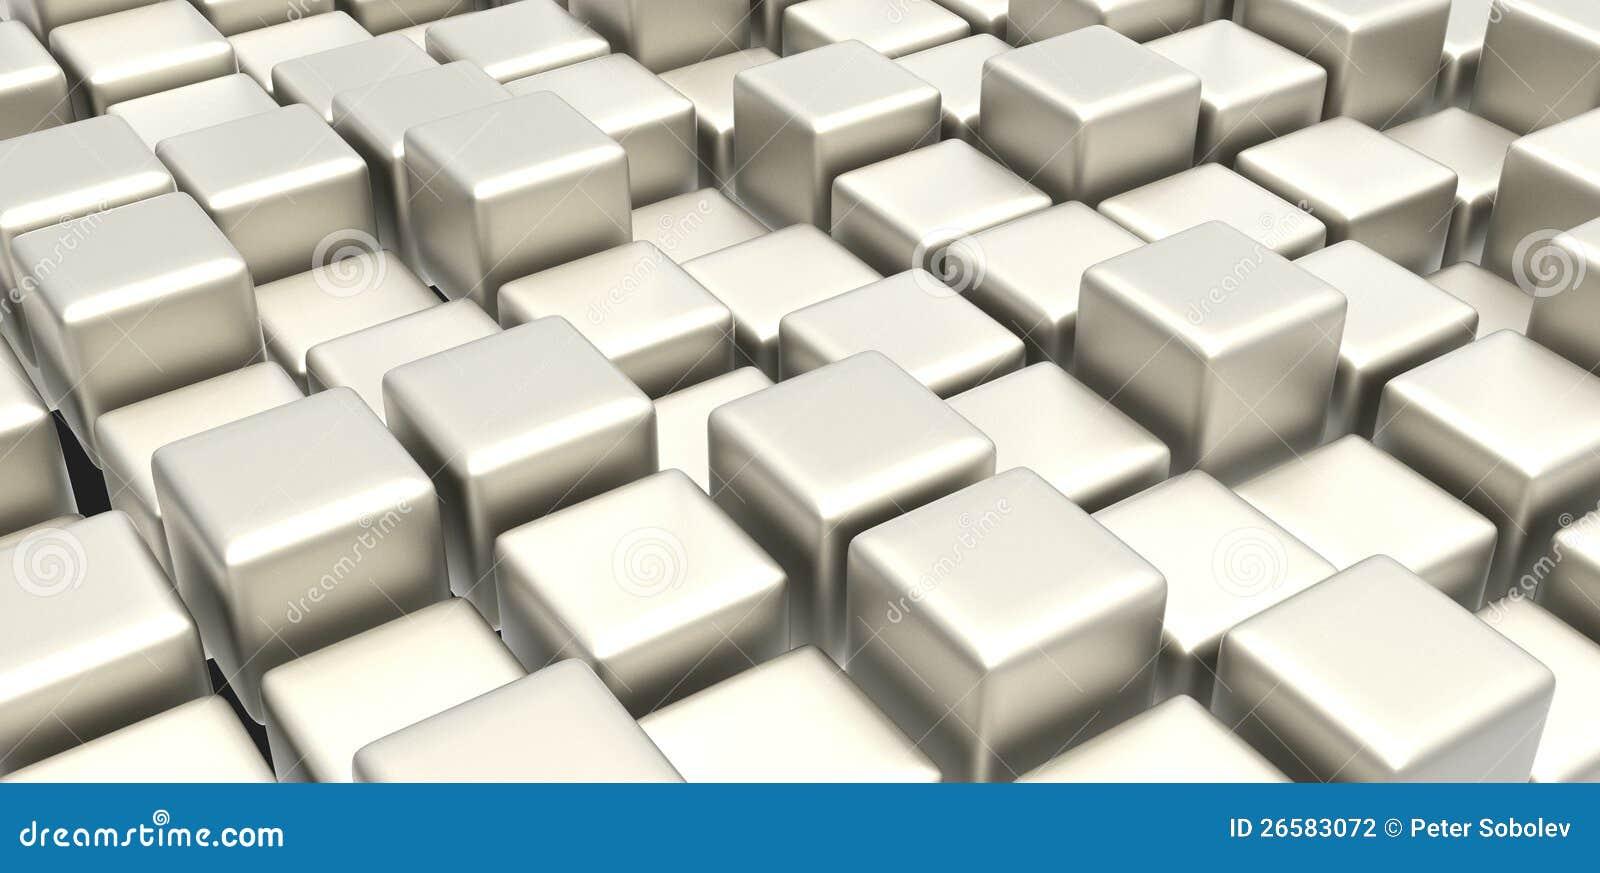 Cubos del metal blanco